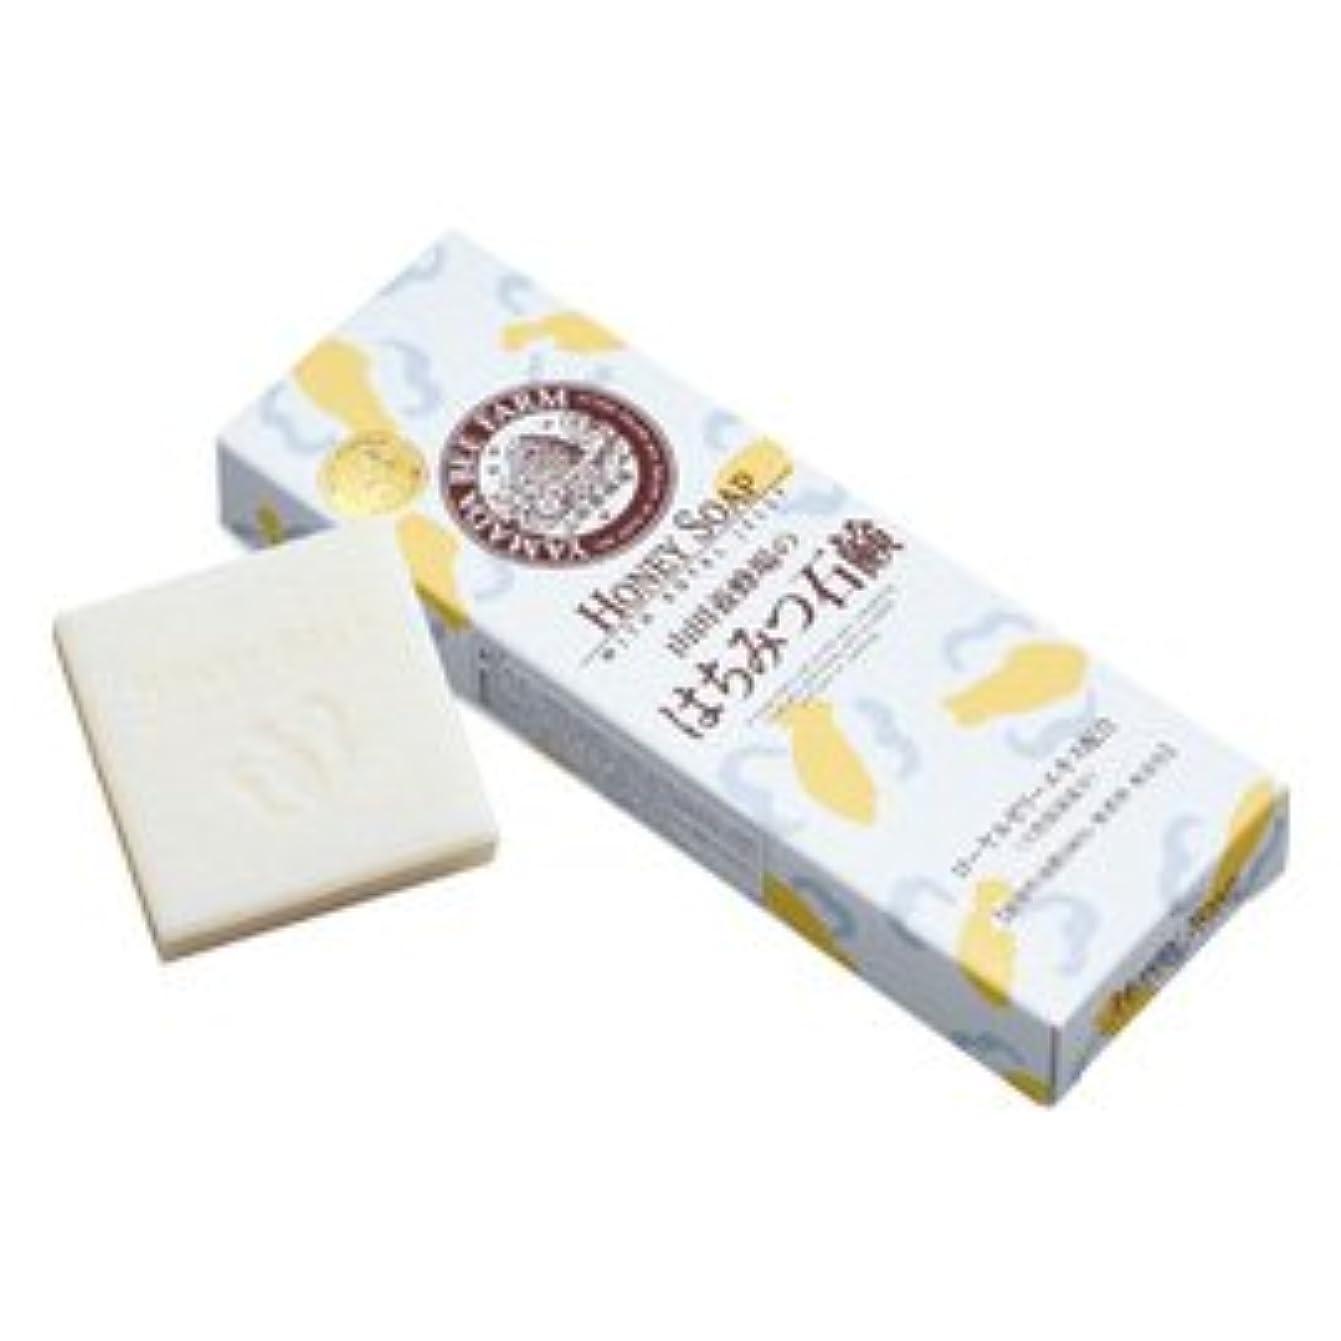 増強瞳残り物はちみつ石鹸 60g×3個入/Honey Soap